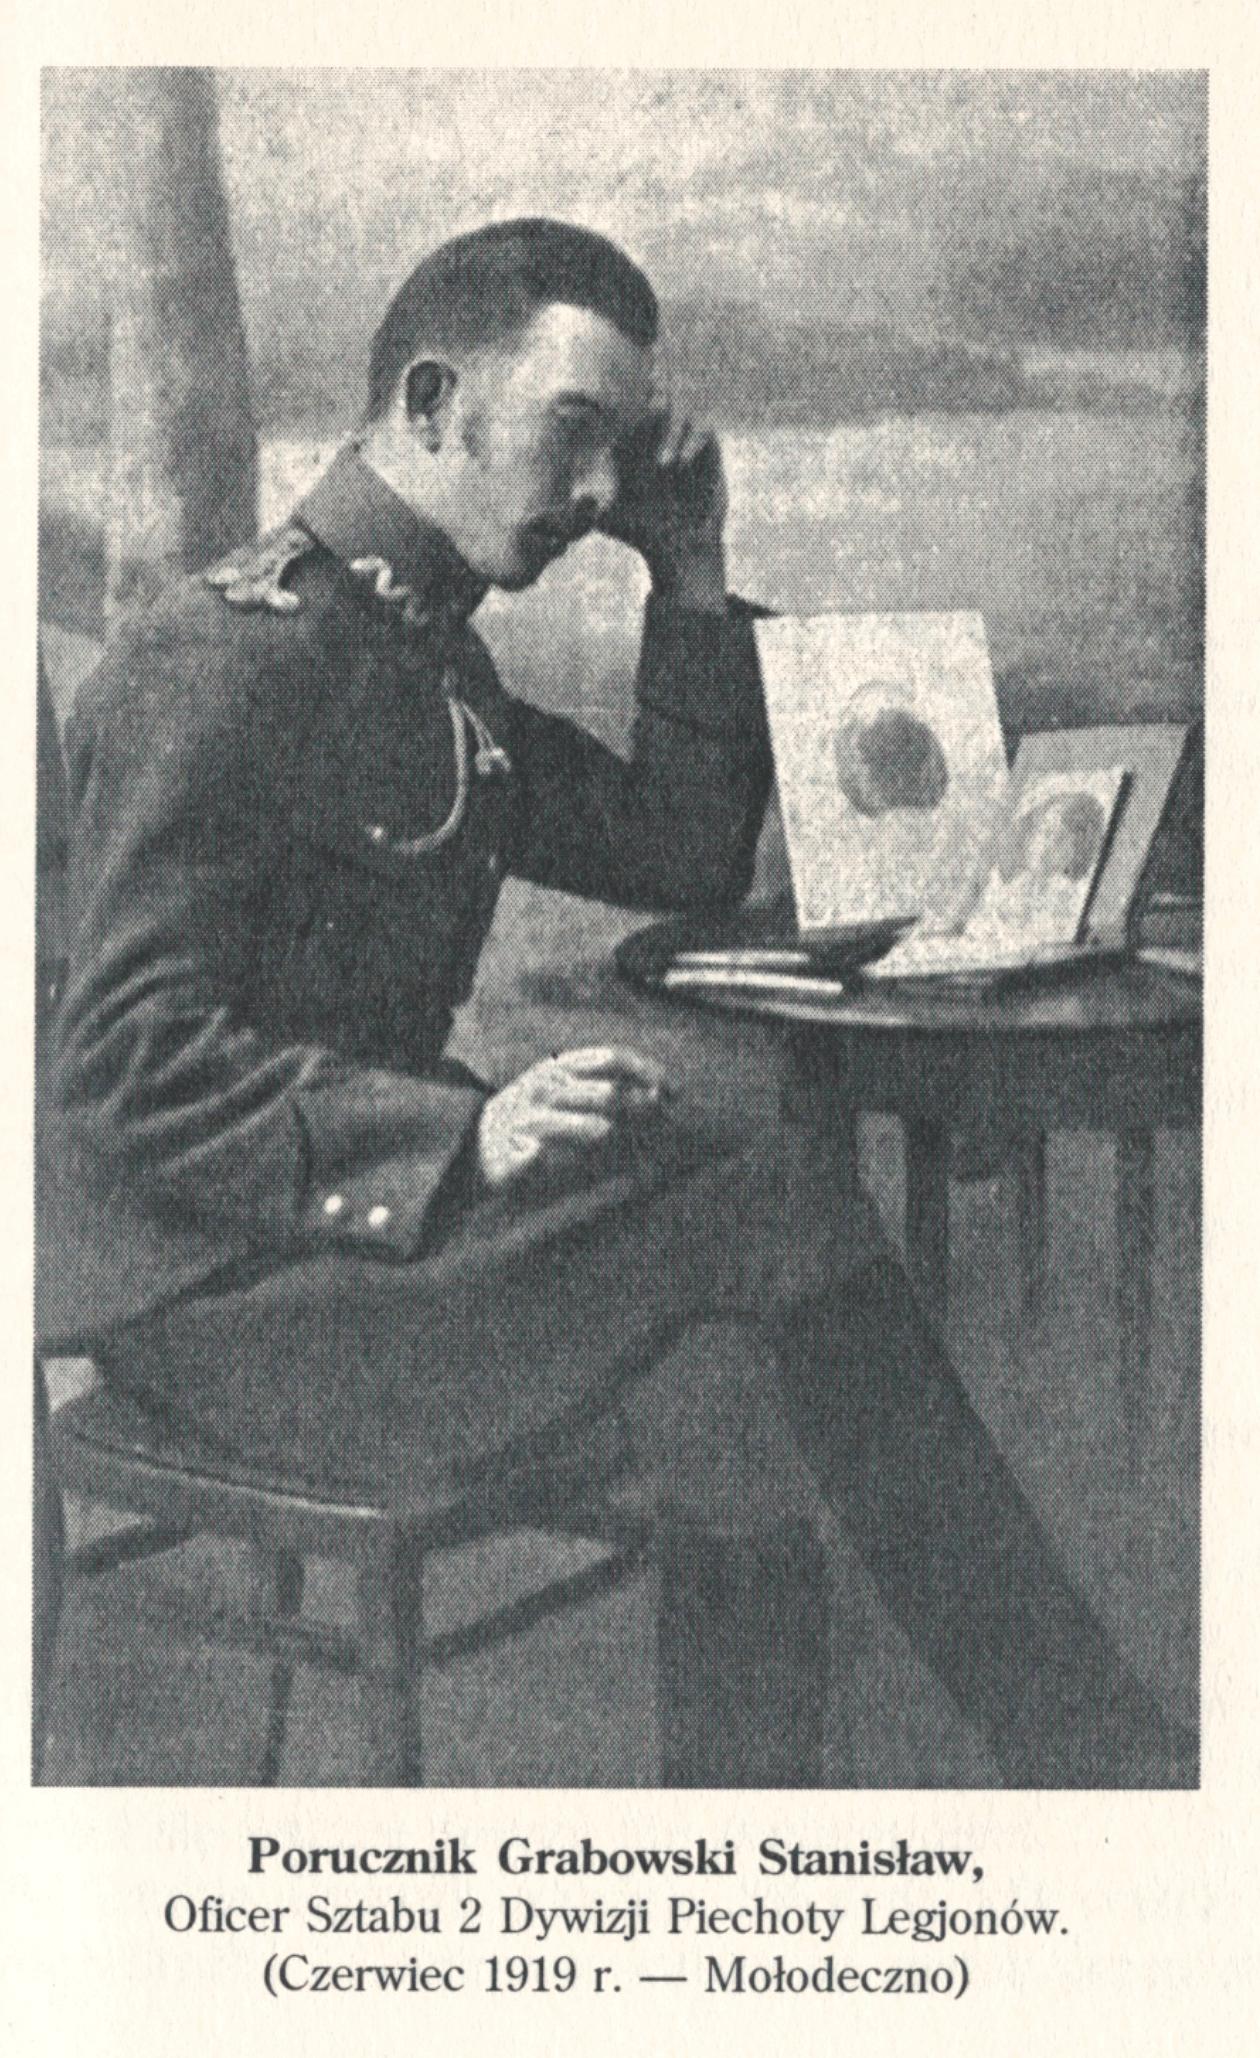 https://www.impulsoficyna.com.pl/przywrocic-pamiec/1967-pamietnik-wojenny-harcerza.html